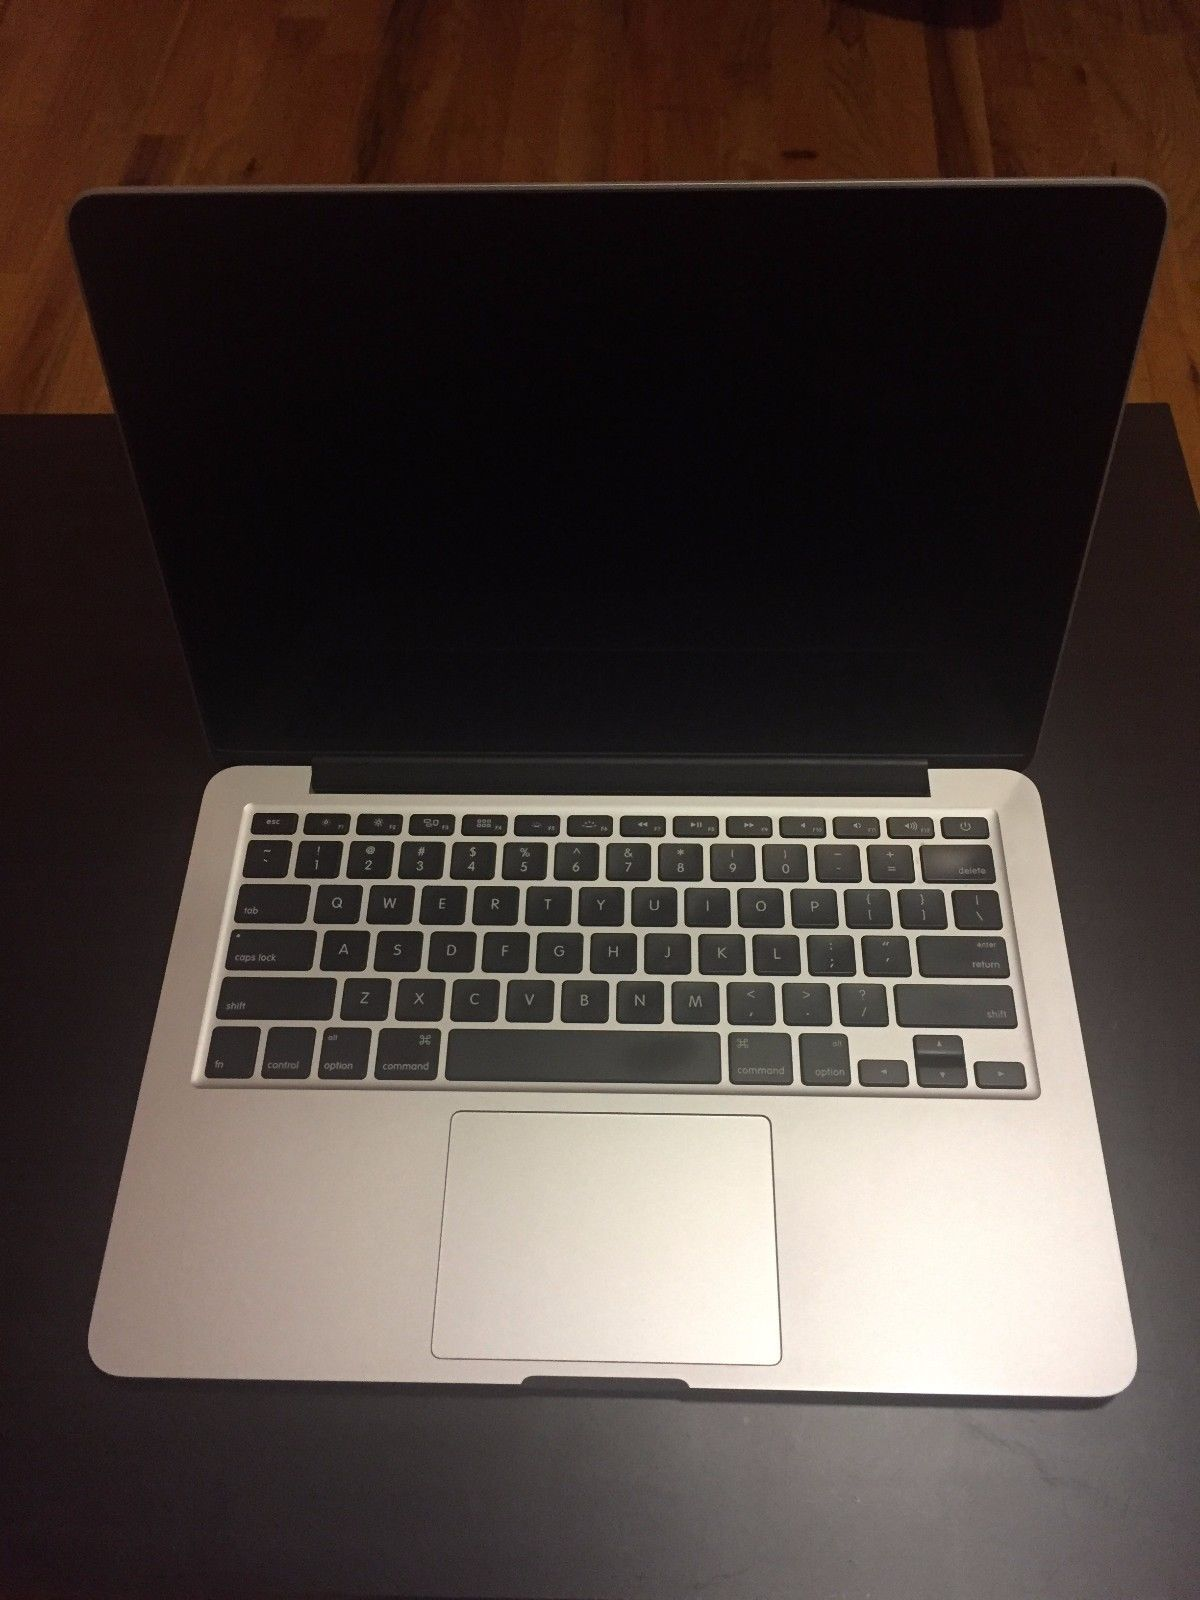 Retina Macbook Pro 13 Early 2015 I7 2 8 Ghz 16gb Ram 512gb Ssd Mac Macbook Macbook Pro Laptop Macbook Pro A1278 Macbook Pro 15 Inch